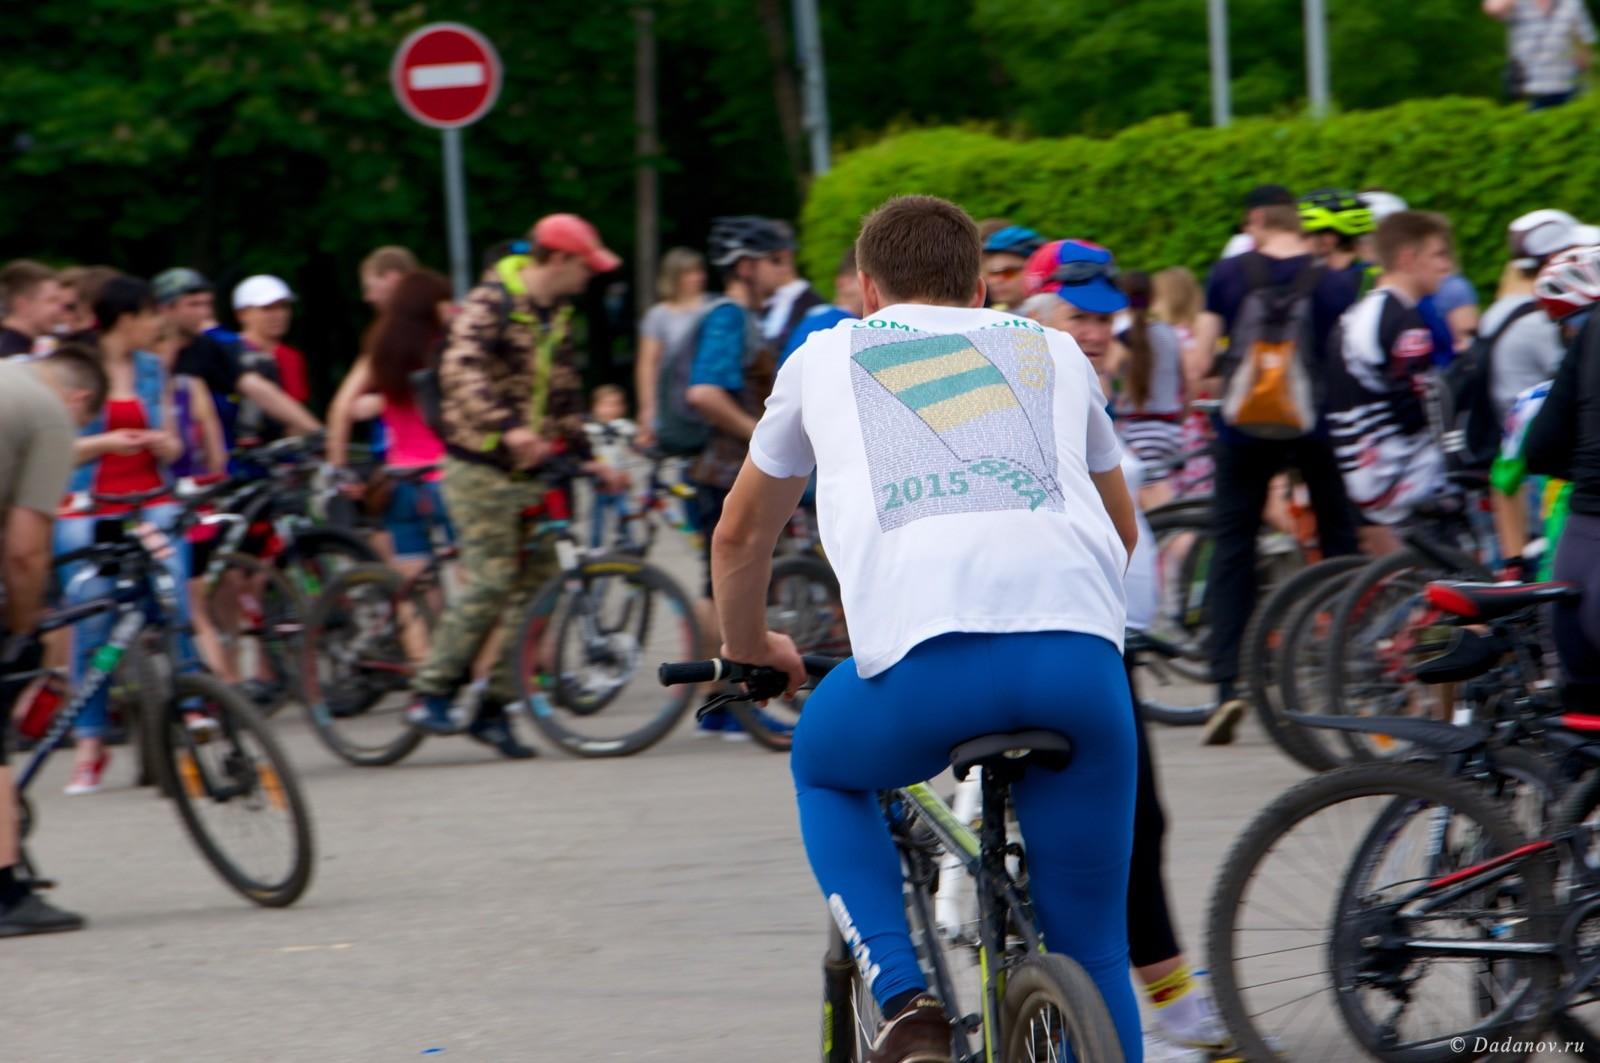 Велодень 2016 в Липецке состоялся. Фотографии с мероприятия 2978